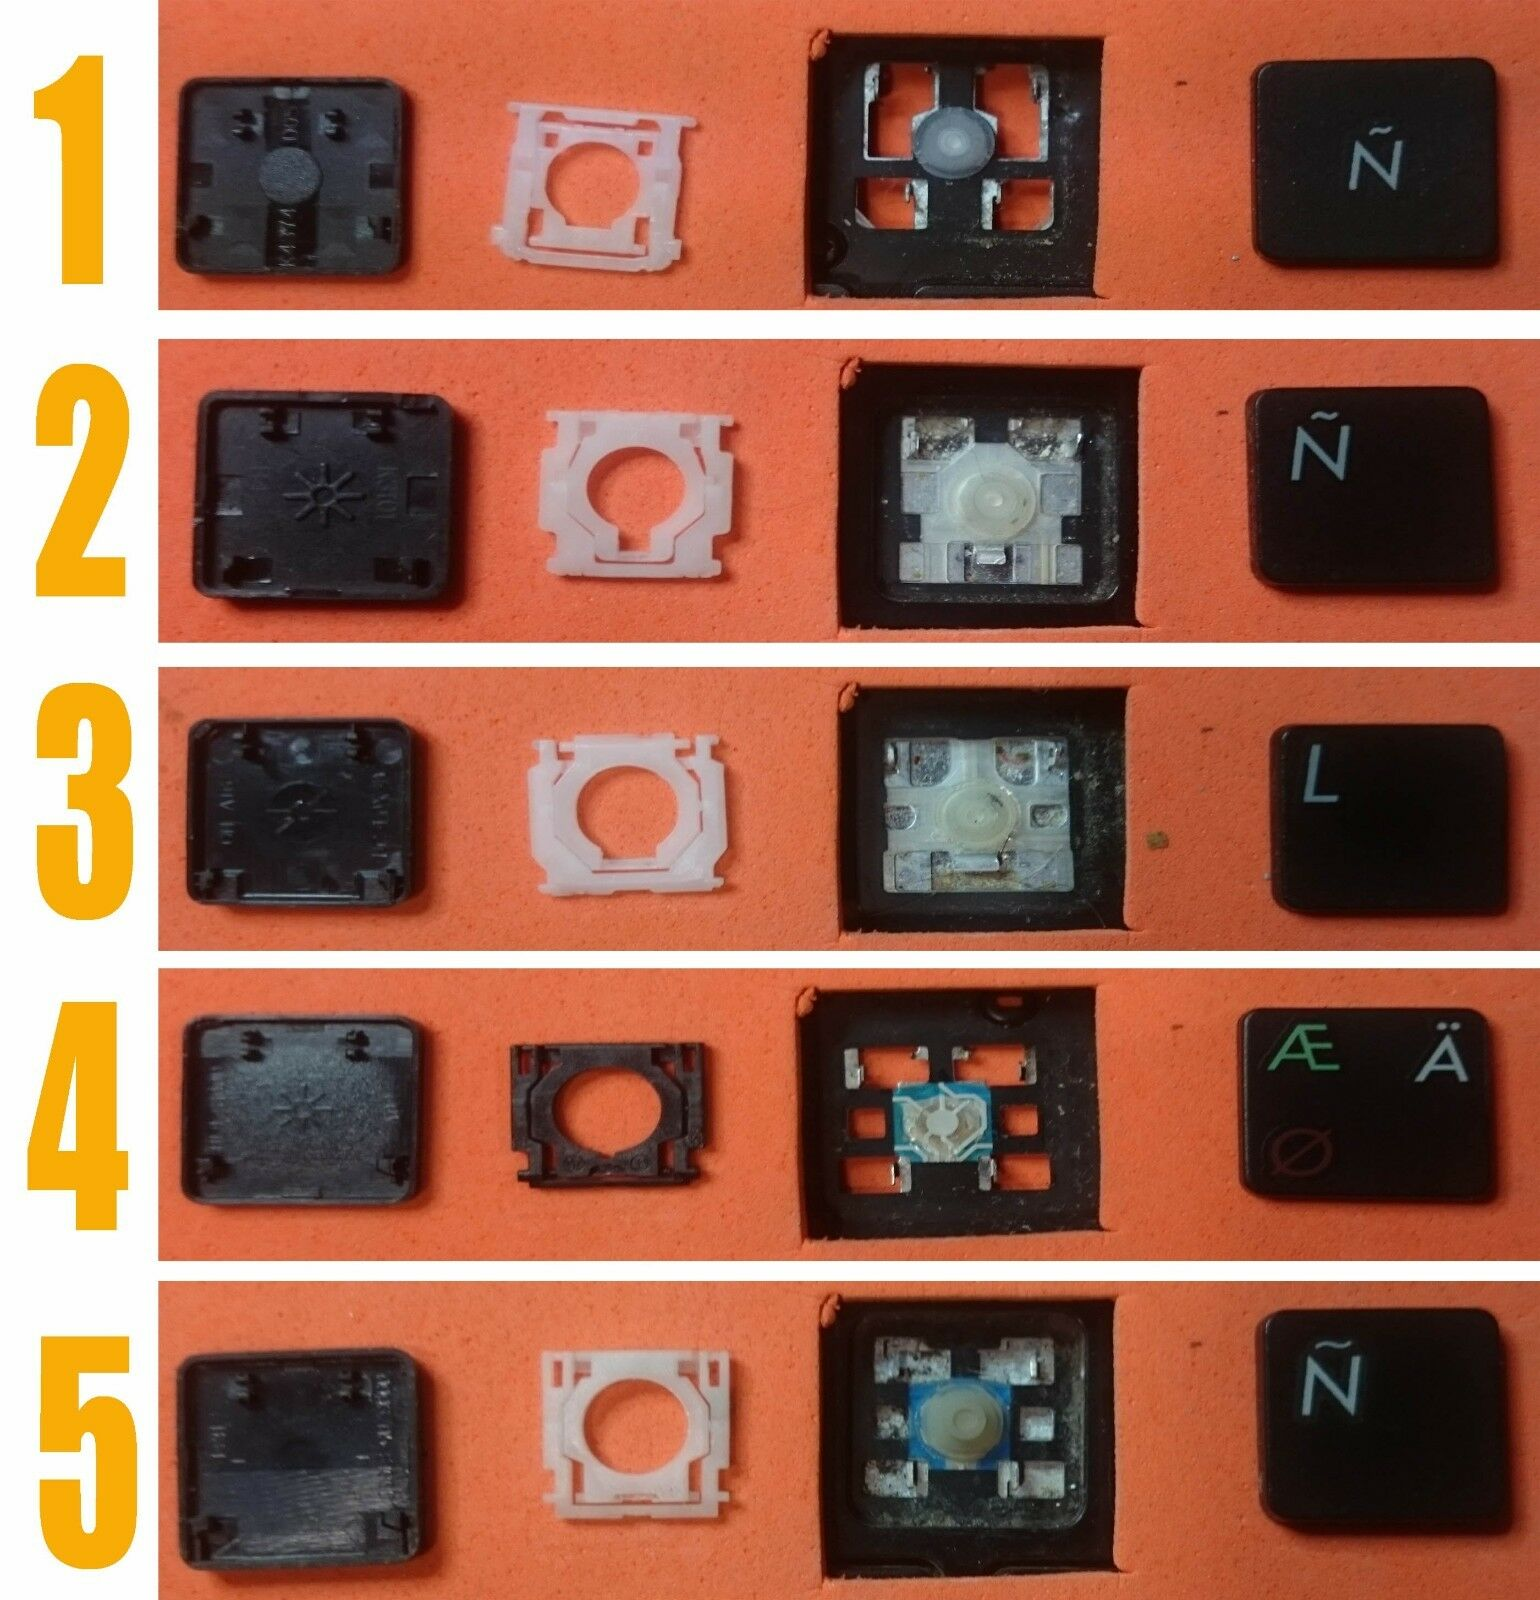 TECLA TECLAS DE TECLADO ASUS F55A F55C F55VD X7BJ X55U X55VD X55A X55 X55C K53S